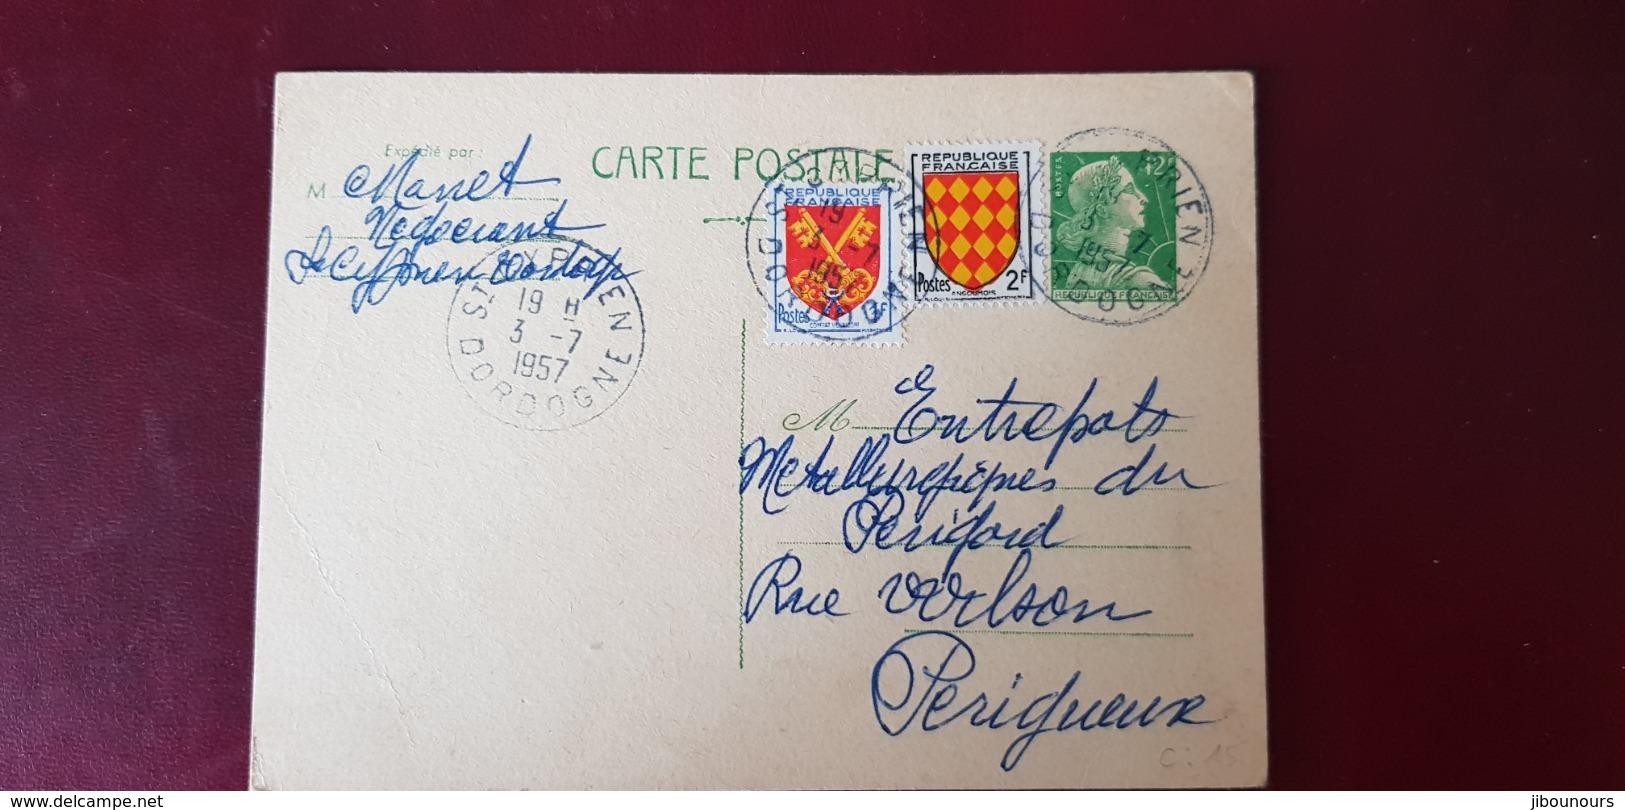 Entier Postal 12 Francs Muller  Plus Complémnnt Oblitéré St Cyprien Dordogne 3/7/1957 - Cartes Postales Types Et TSC (avant 1995)